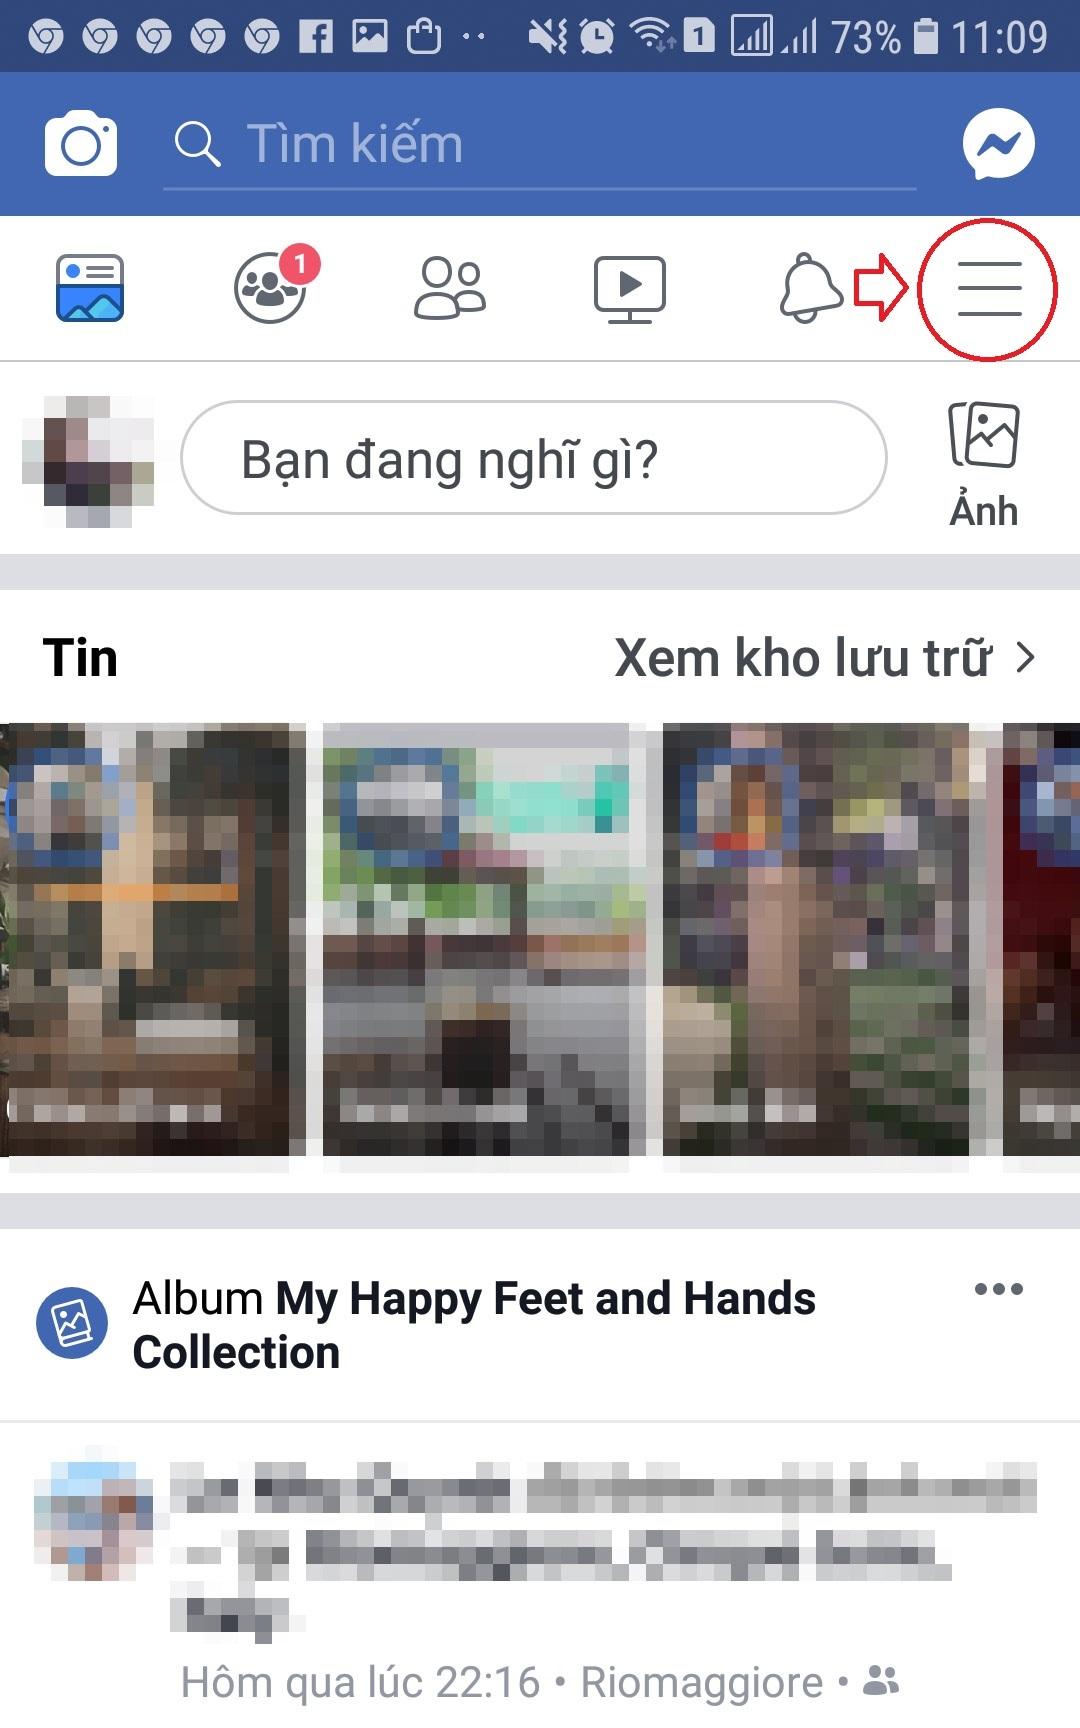 Facebook chính thức cập nhật tính năng 'Kết bạn mới' tại Việt Nam